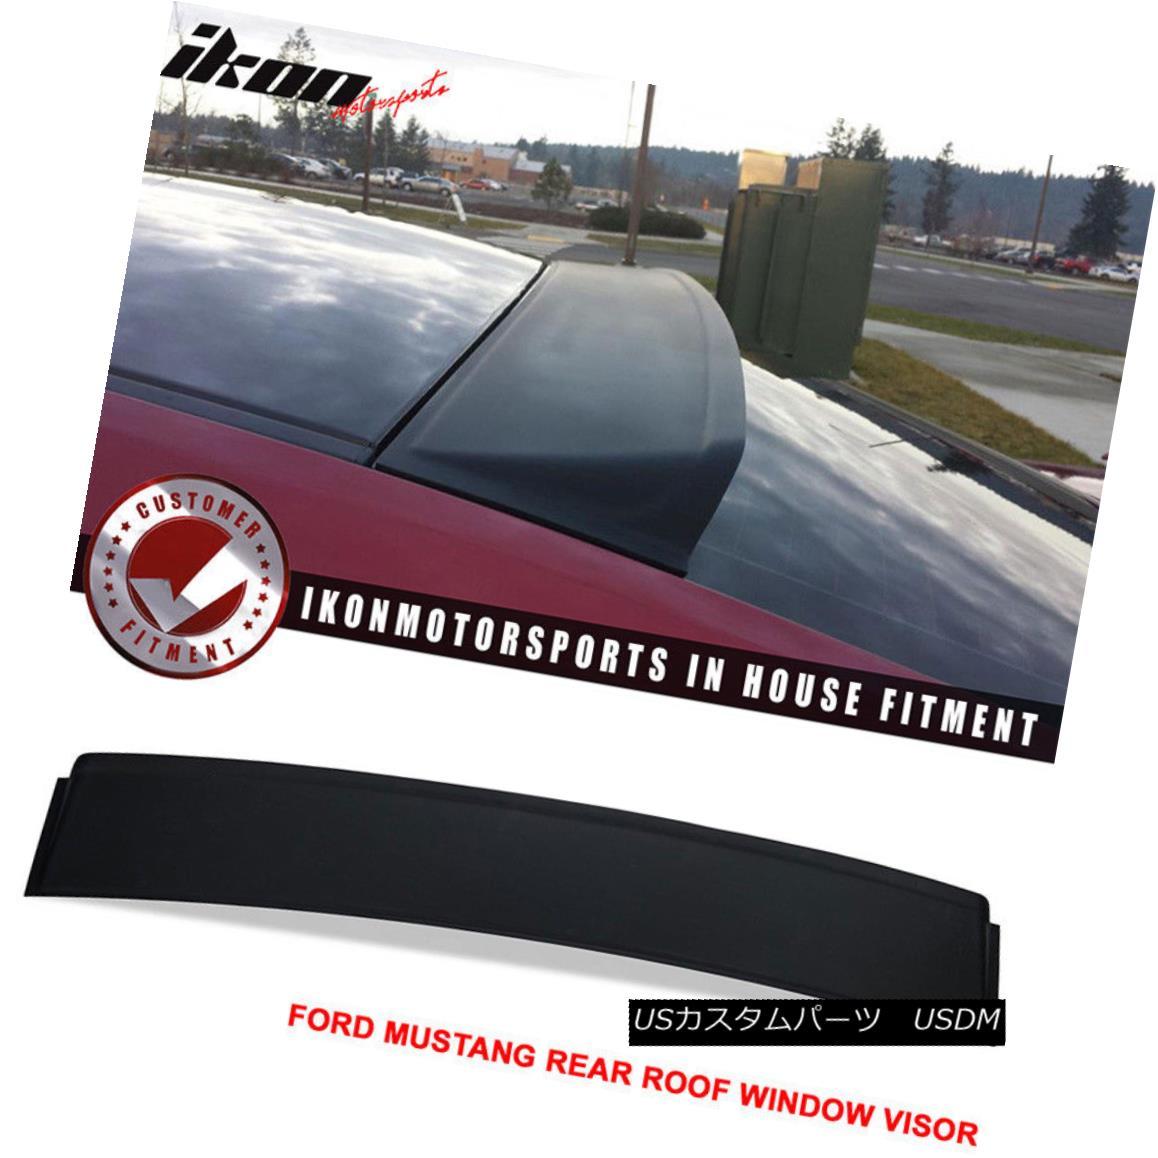 エアロパーツ For 05-14 Ford Mustang Rear Roof Window Visor Spoiler Black - PUR 05-14フォードマスタングリアルーフウィンドウバイザースポイラーブラック - PUR